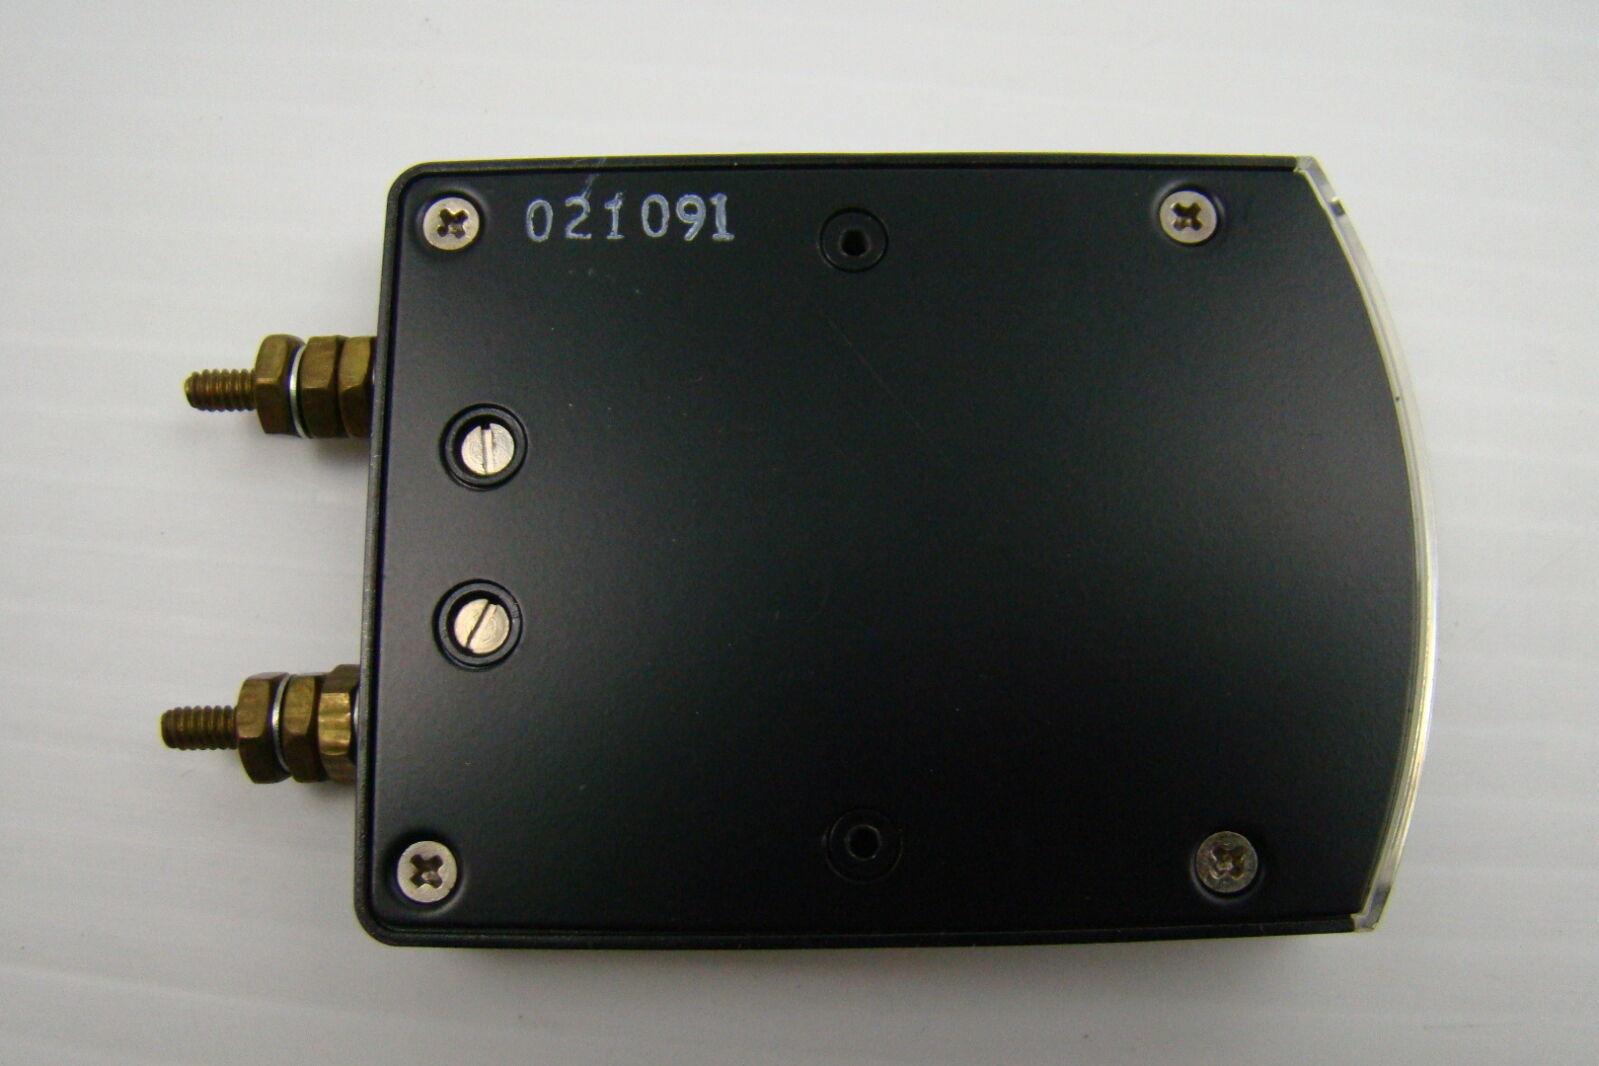 Simpson Panel Meter : Simpson edgewise panel meter ebay